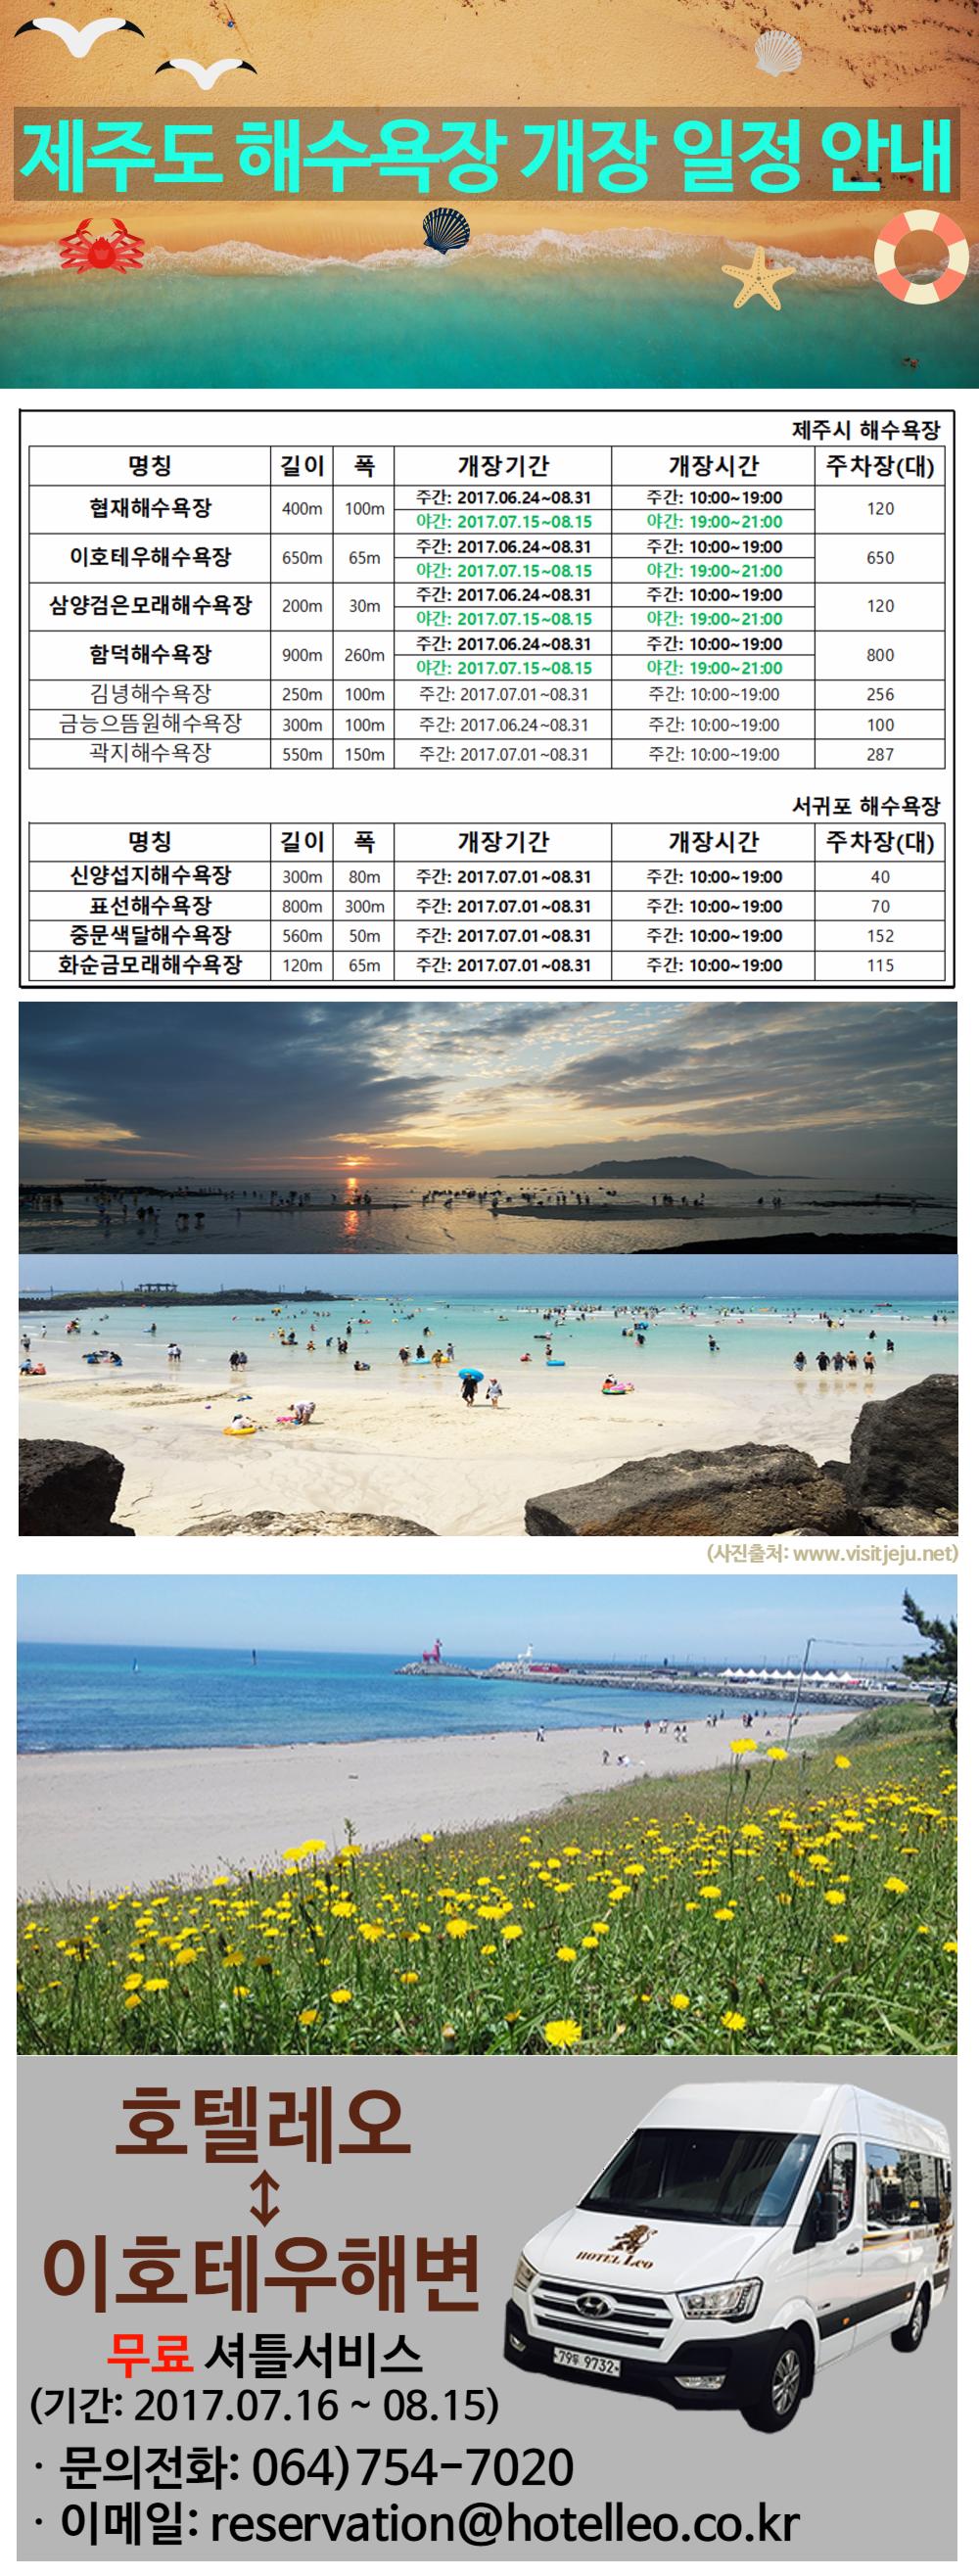 제주도해수욕장개장일정_최종.png